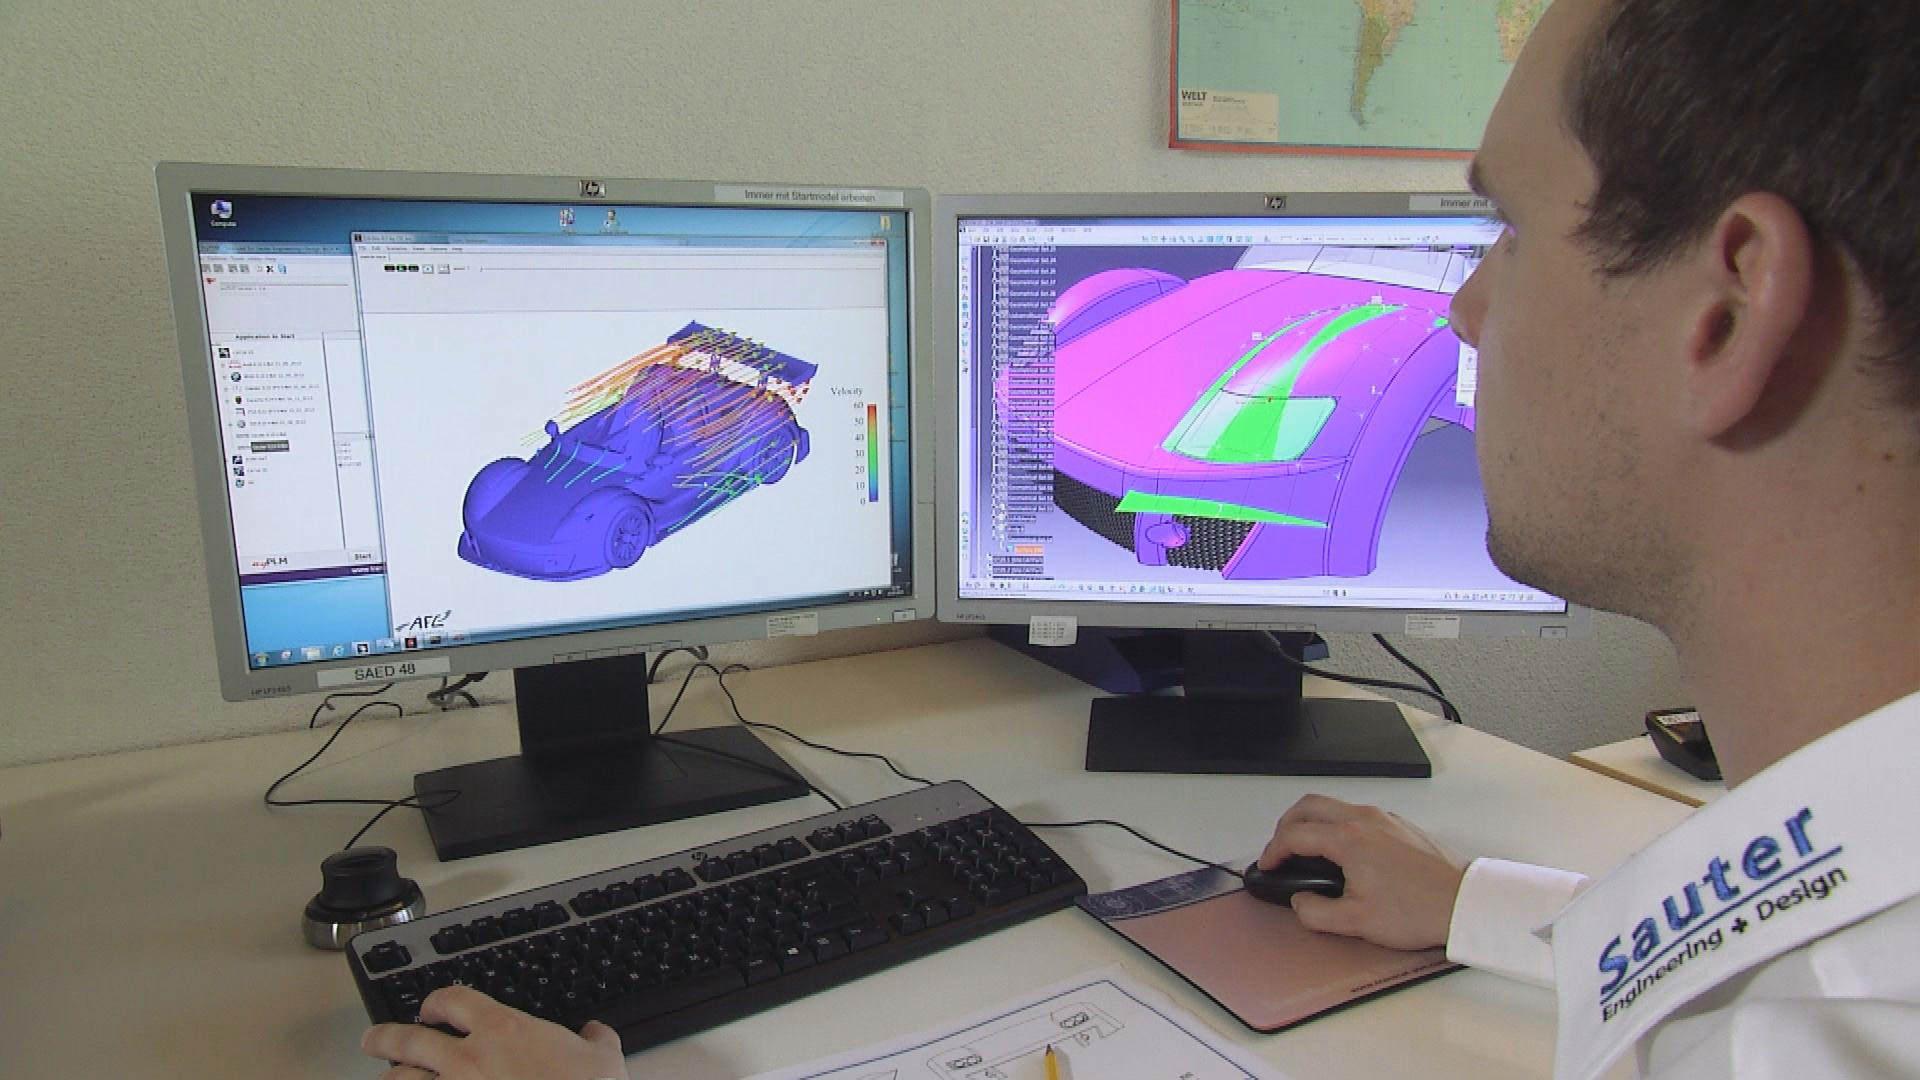 Sauter_Engineering+Design_Produktentwicklung-Strak-a